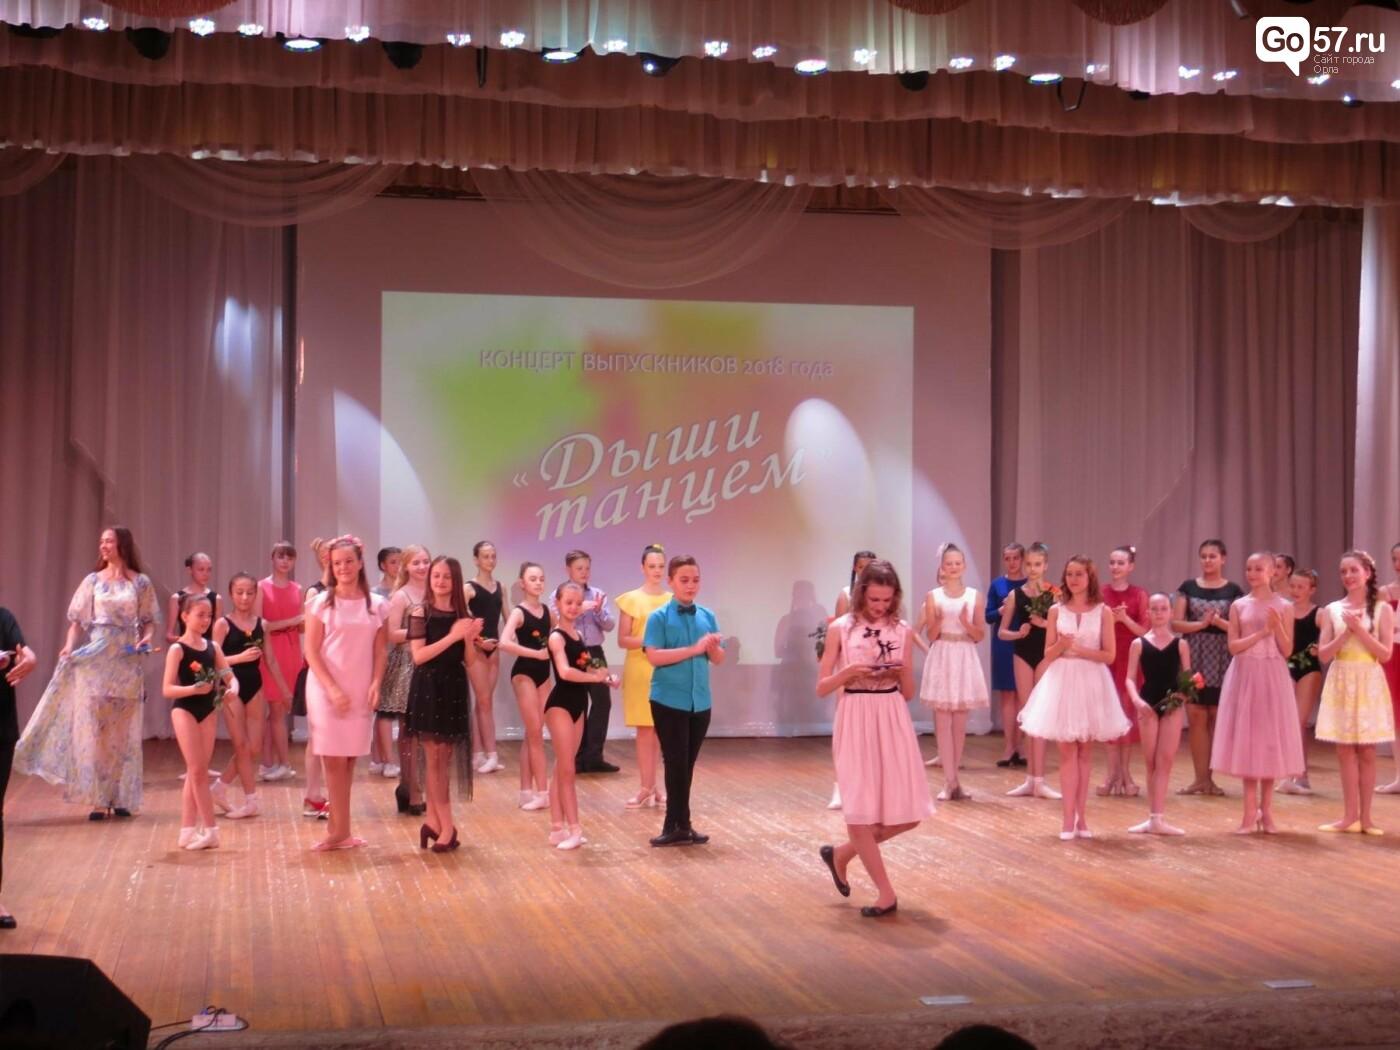 В Орле прошел выпускной бал юных танцоров, фото-5